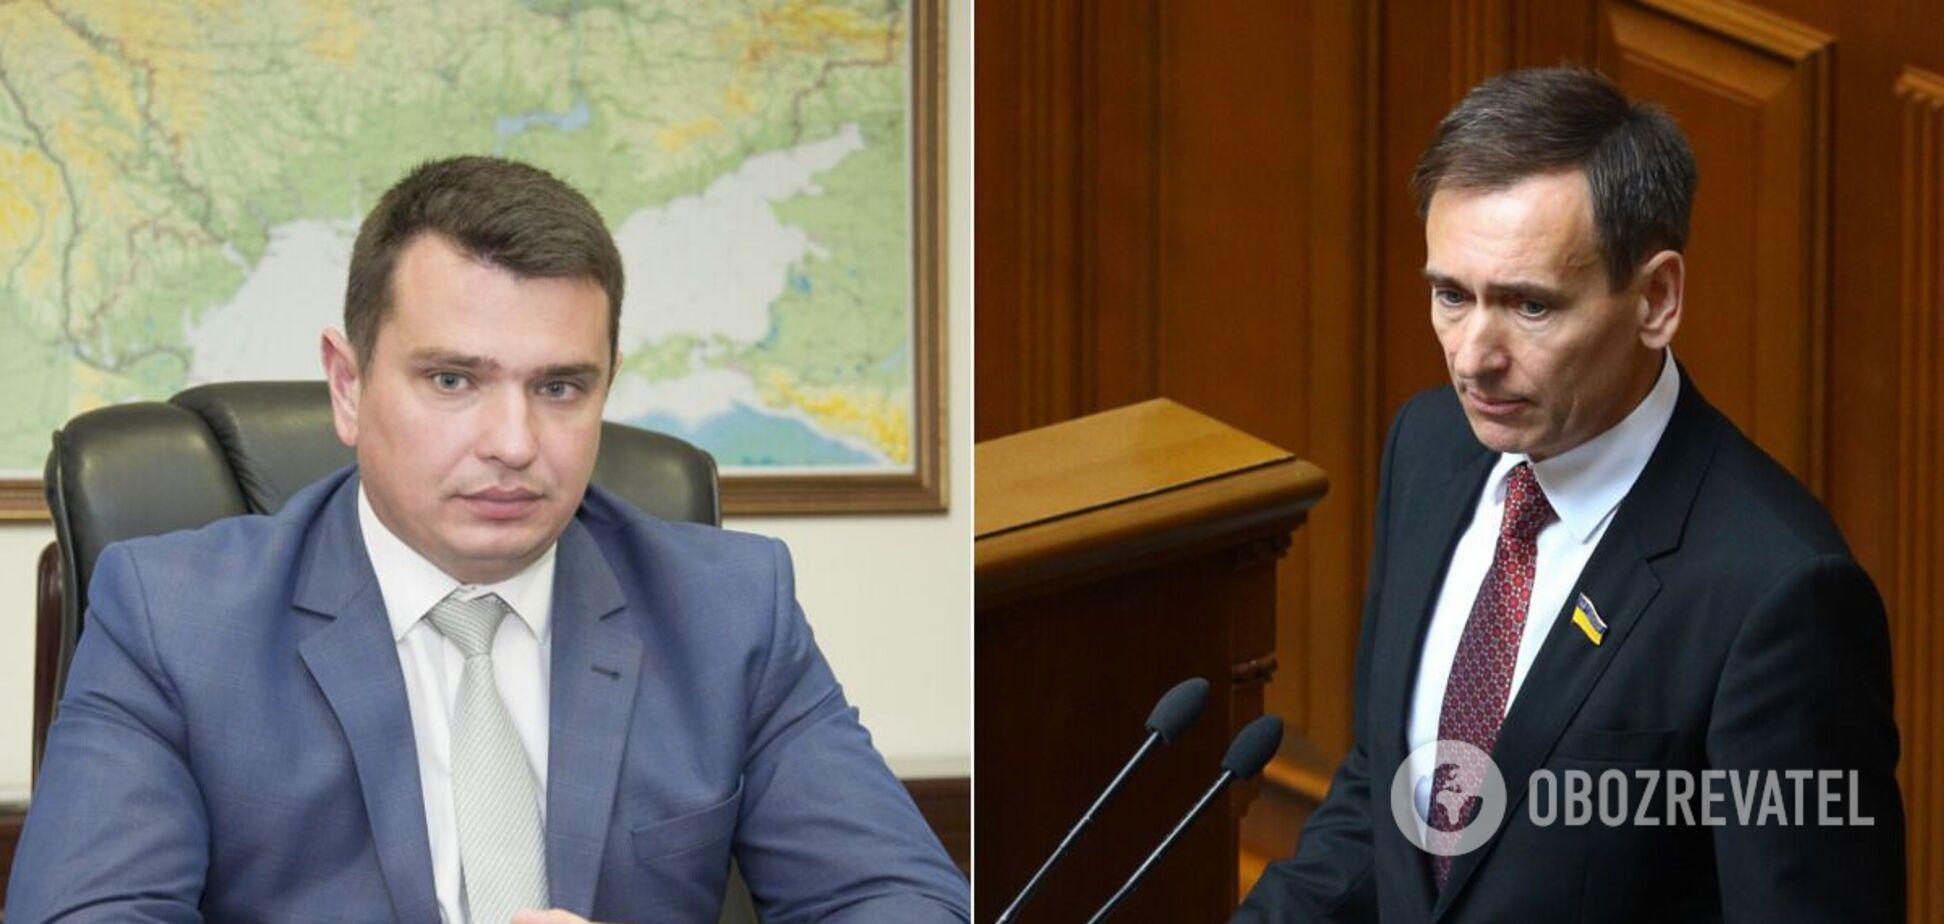 Вениславский заявил о ''сомнительной легитимности'' Сытника. Источник: Коллаж